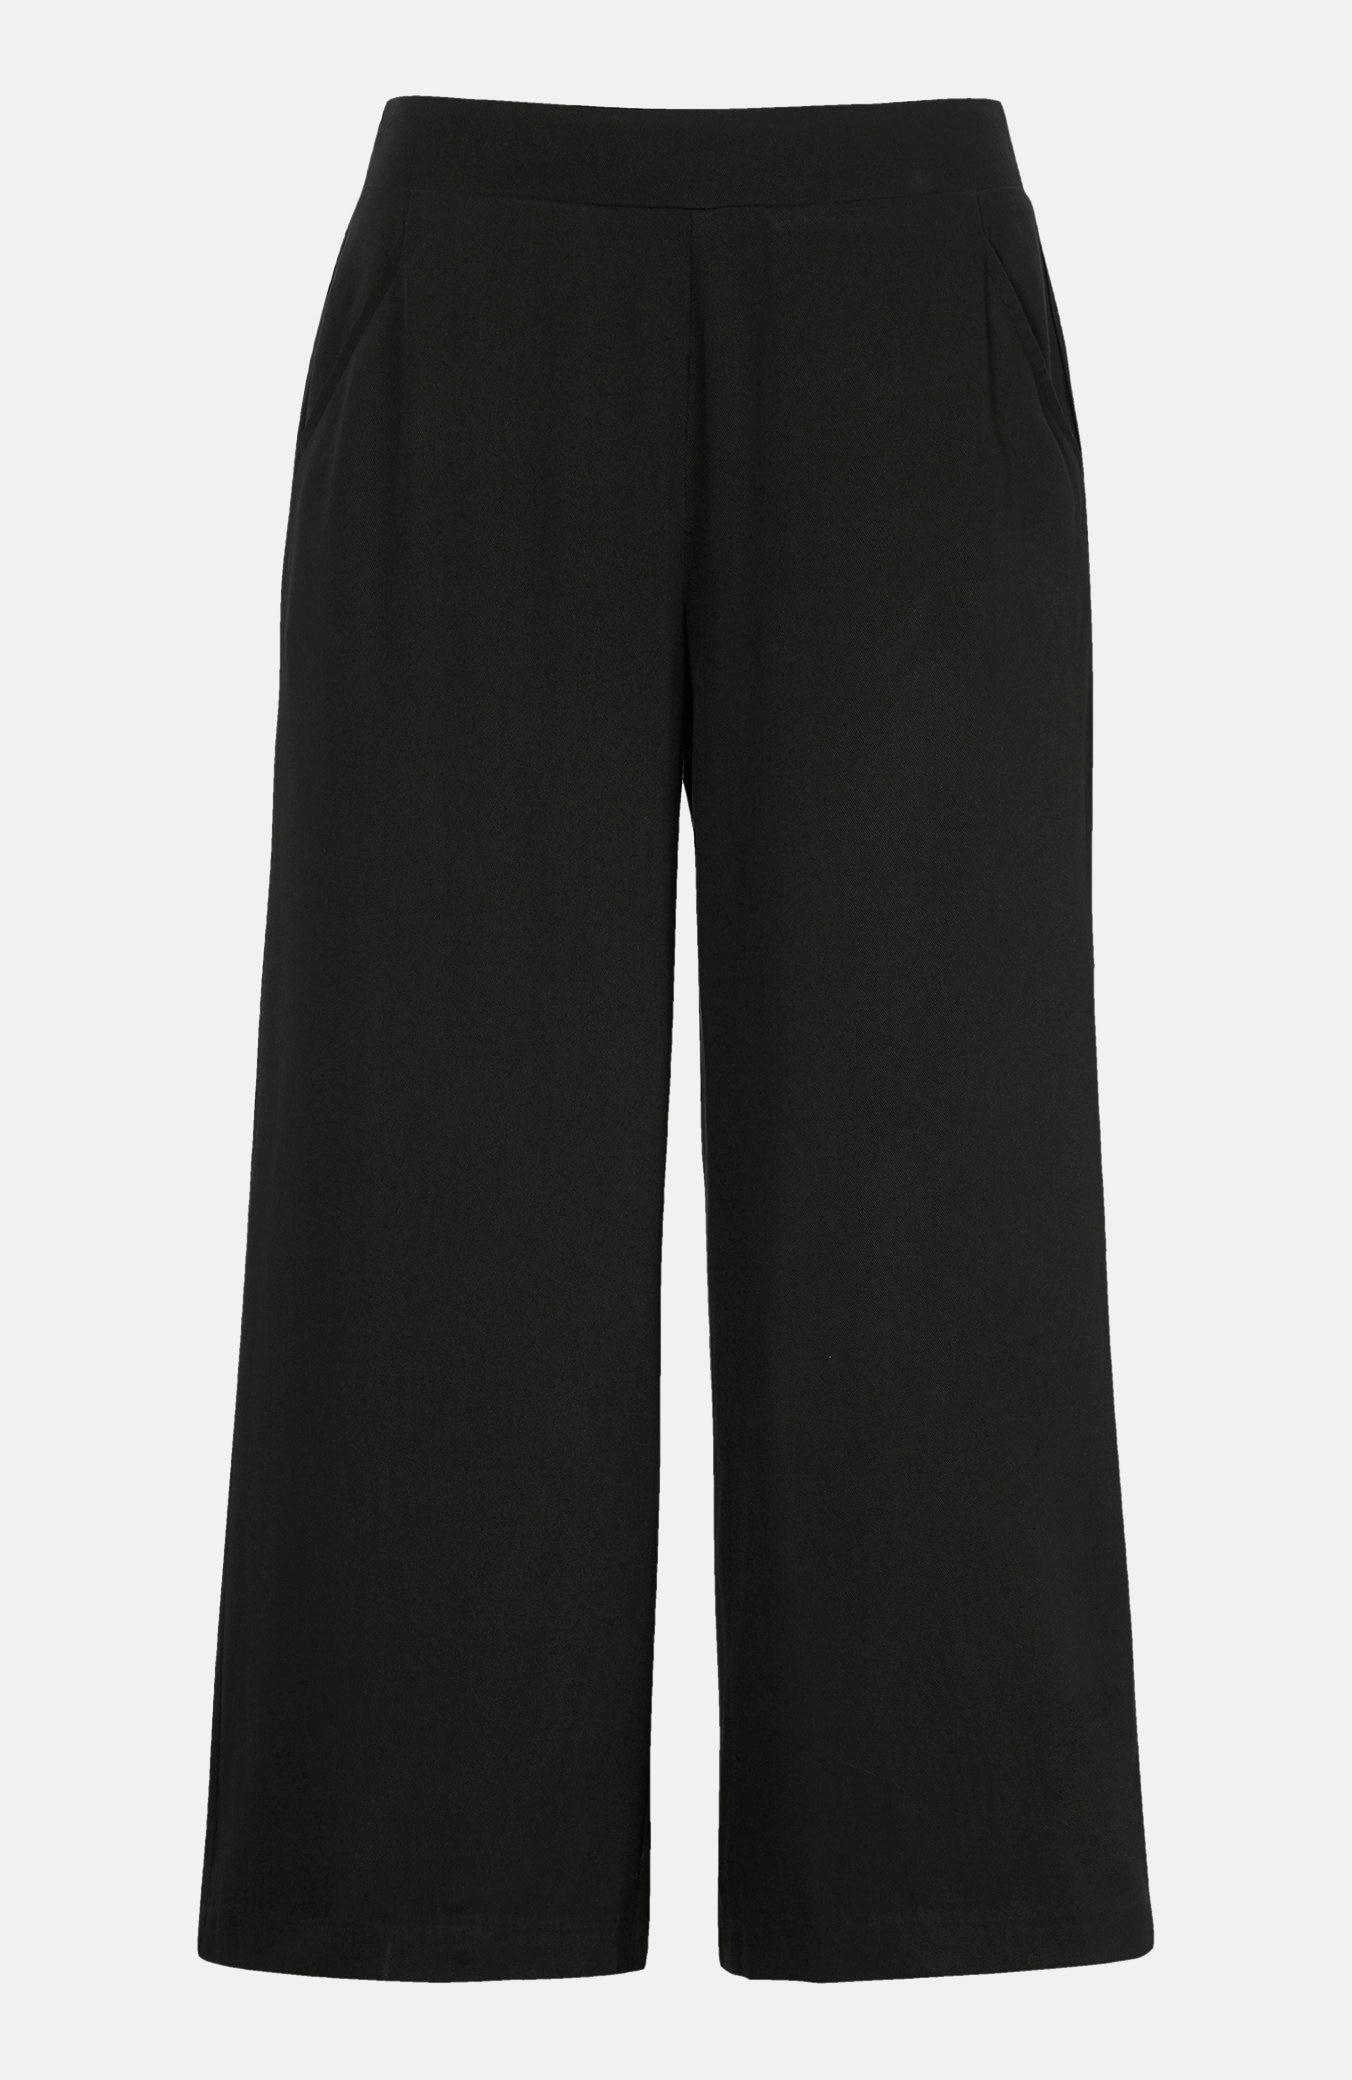 Spodnie typu culotte